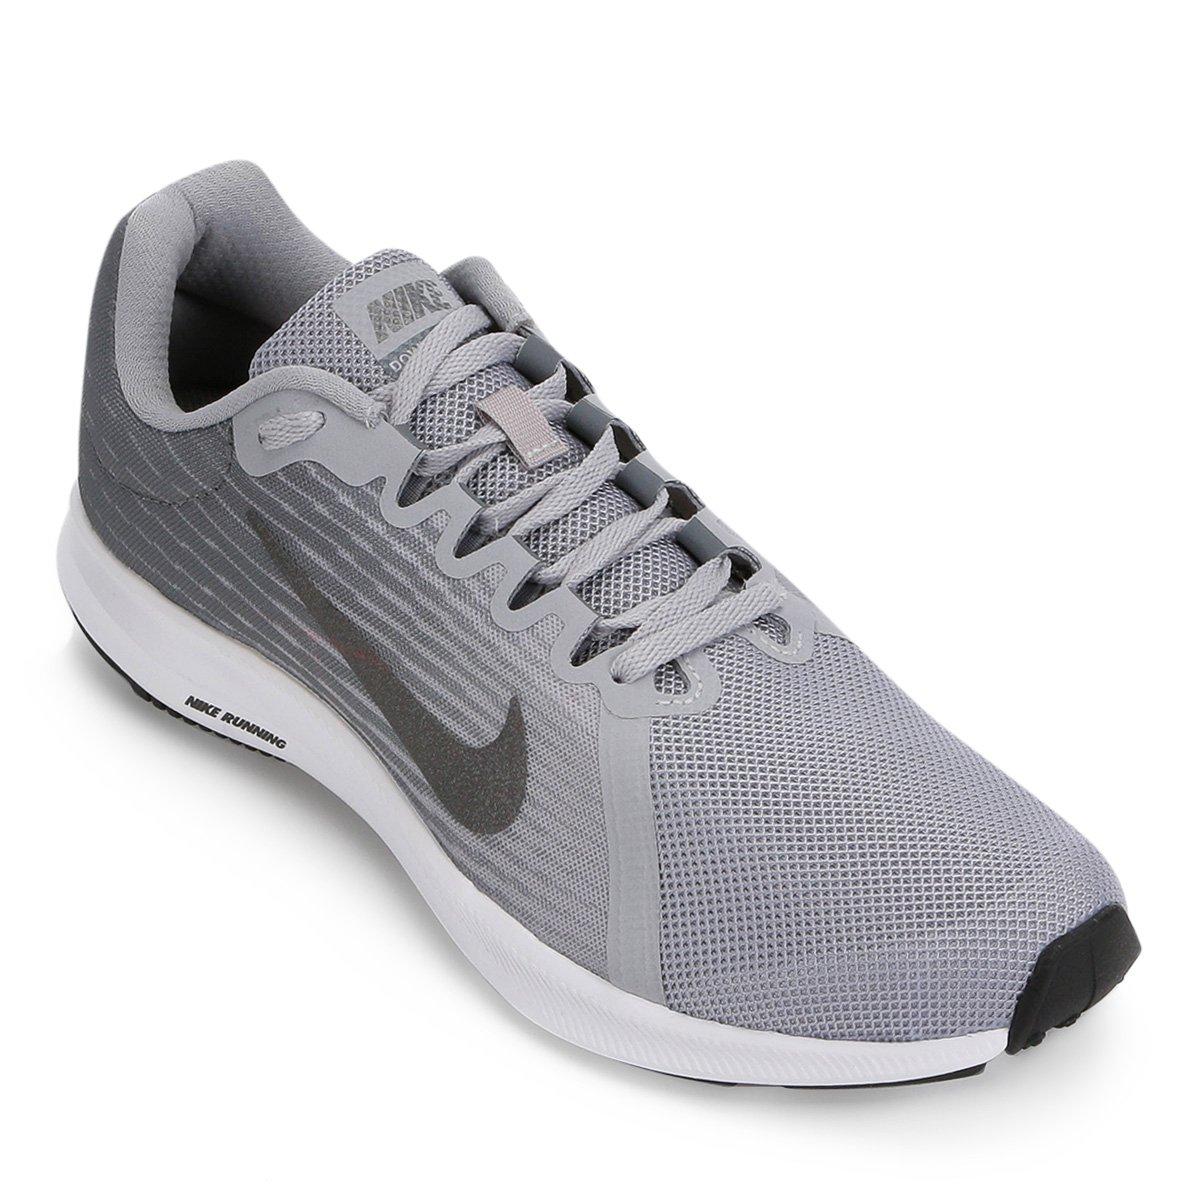 a675966edd6 Tênis Nike Downshifter 8 Masculino - Cinza e Preto - Compre Agora ...